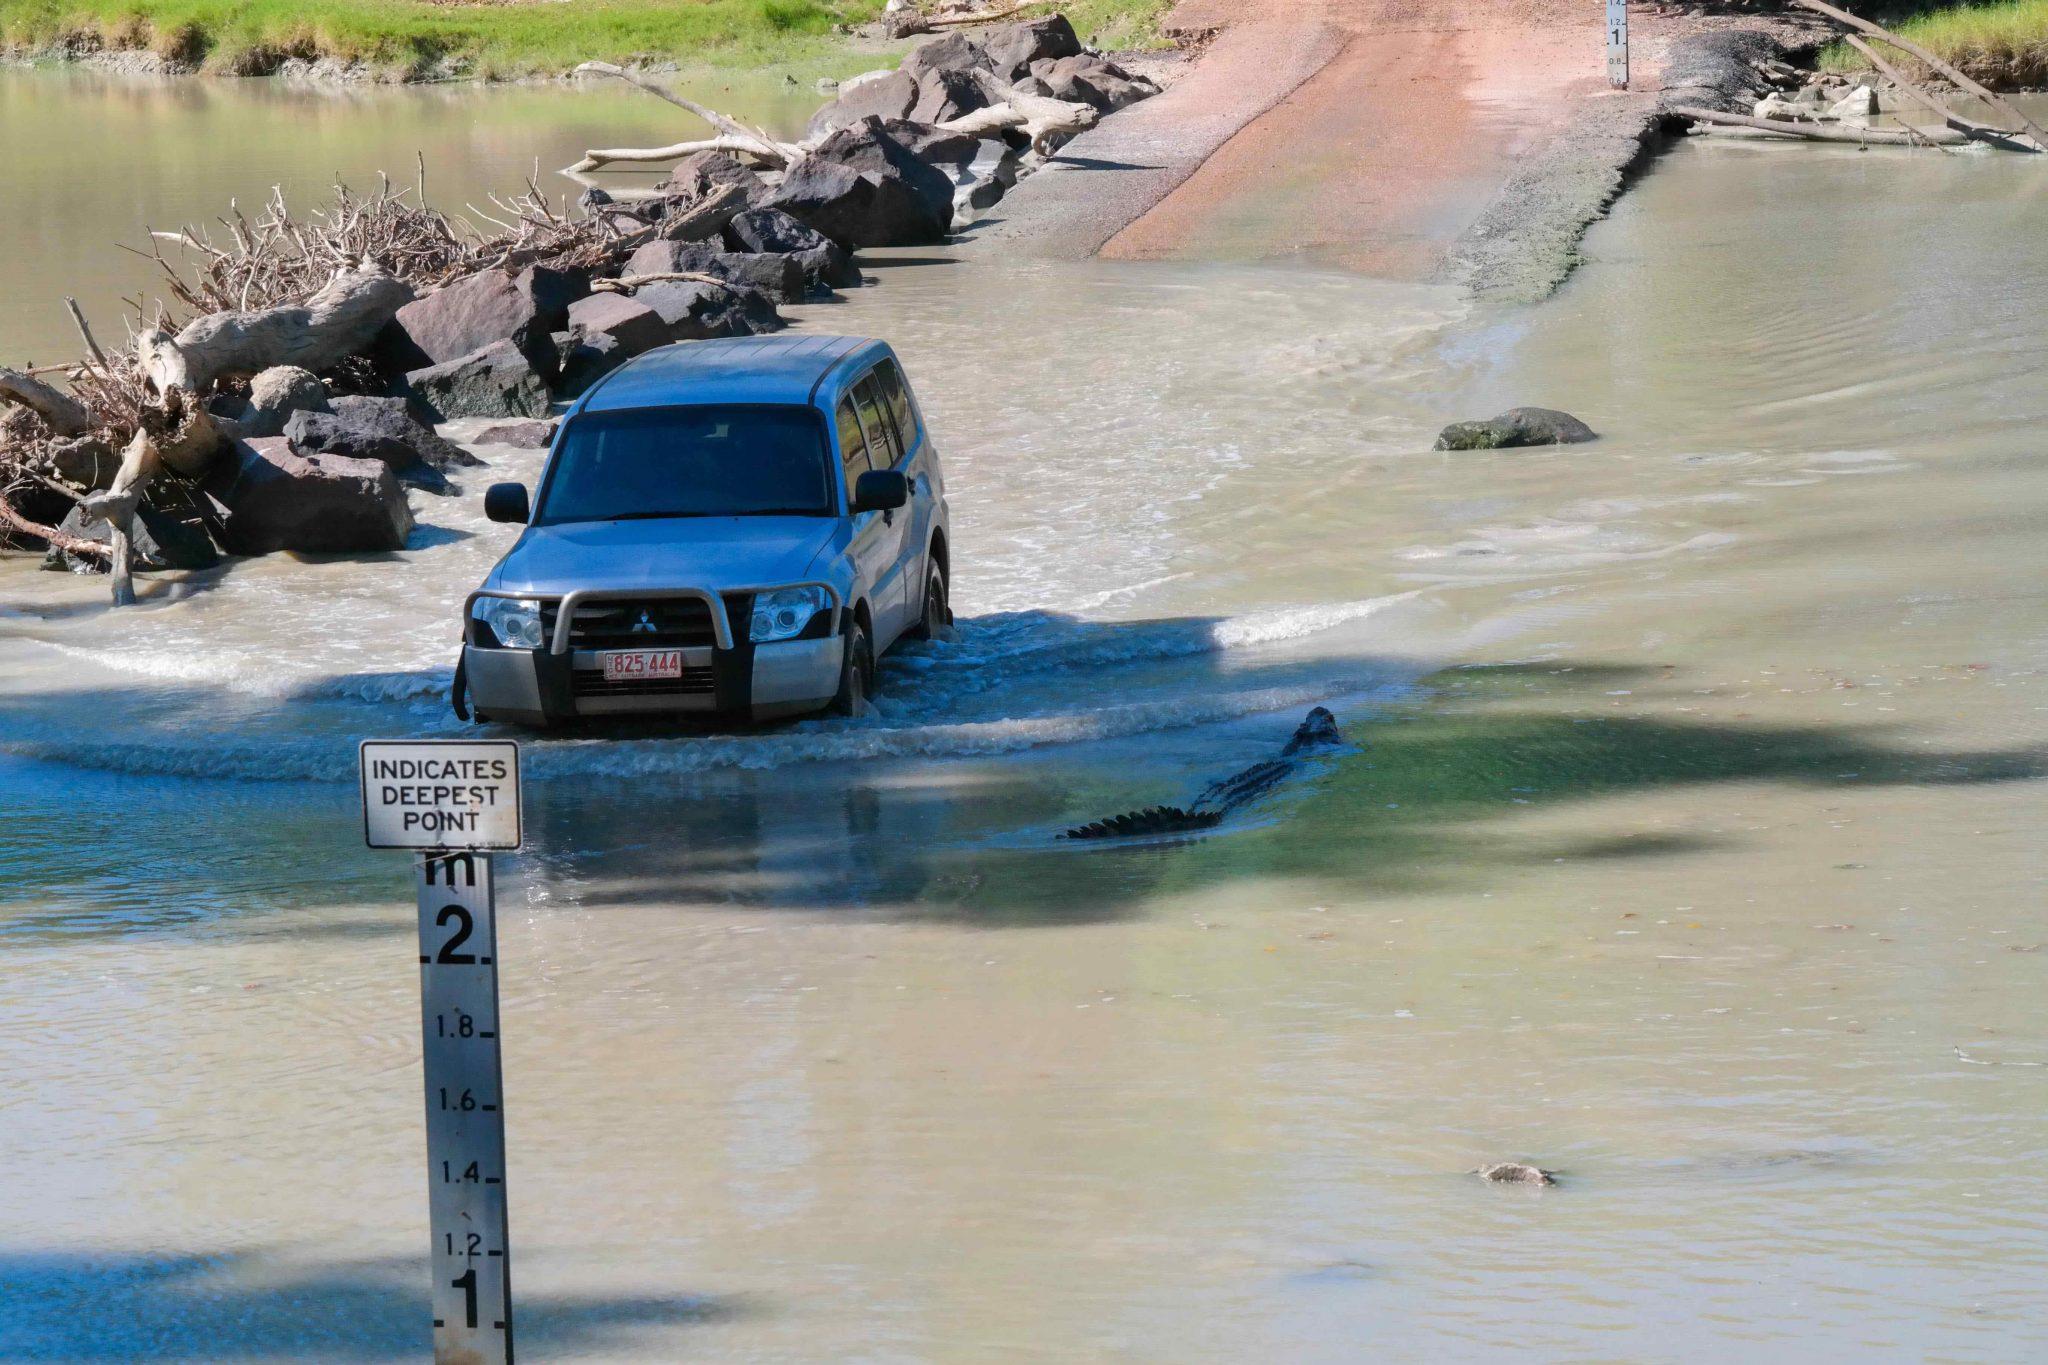 Croc kills man at Cahills Crossing, Kakadu